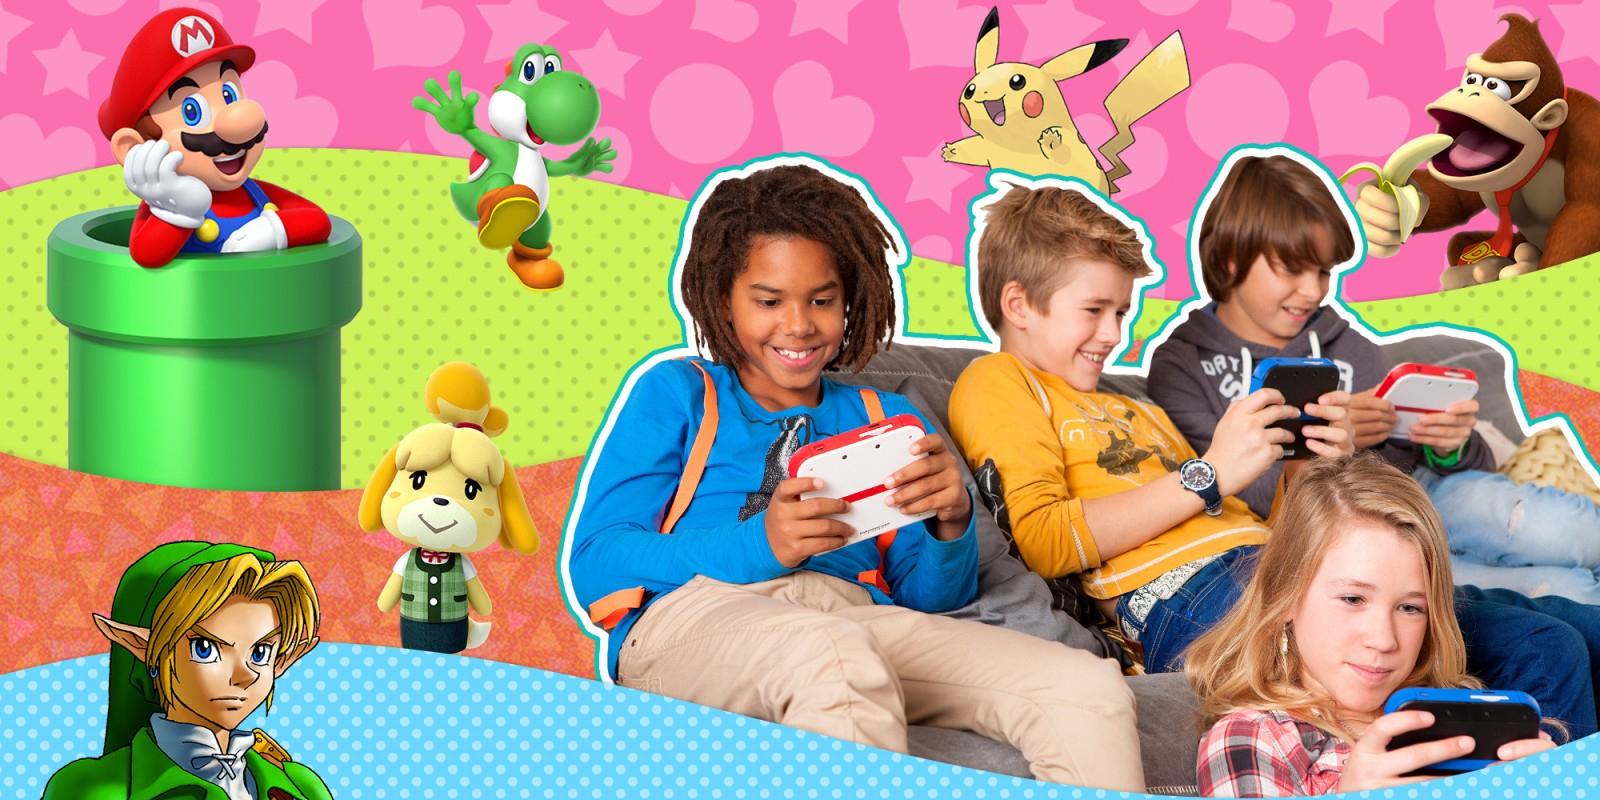 Jeux Nintendo Pour Les Enfants   Nintendo dedans Jeux Petite Fille Gratuit